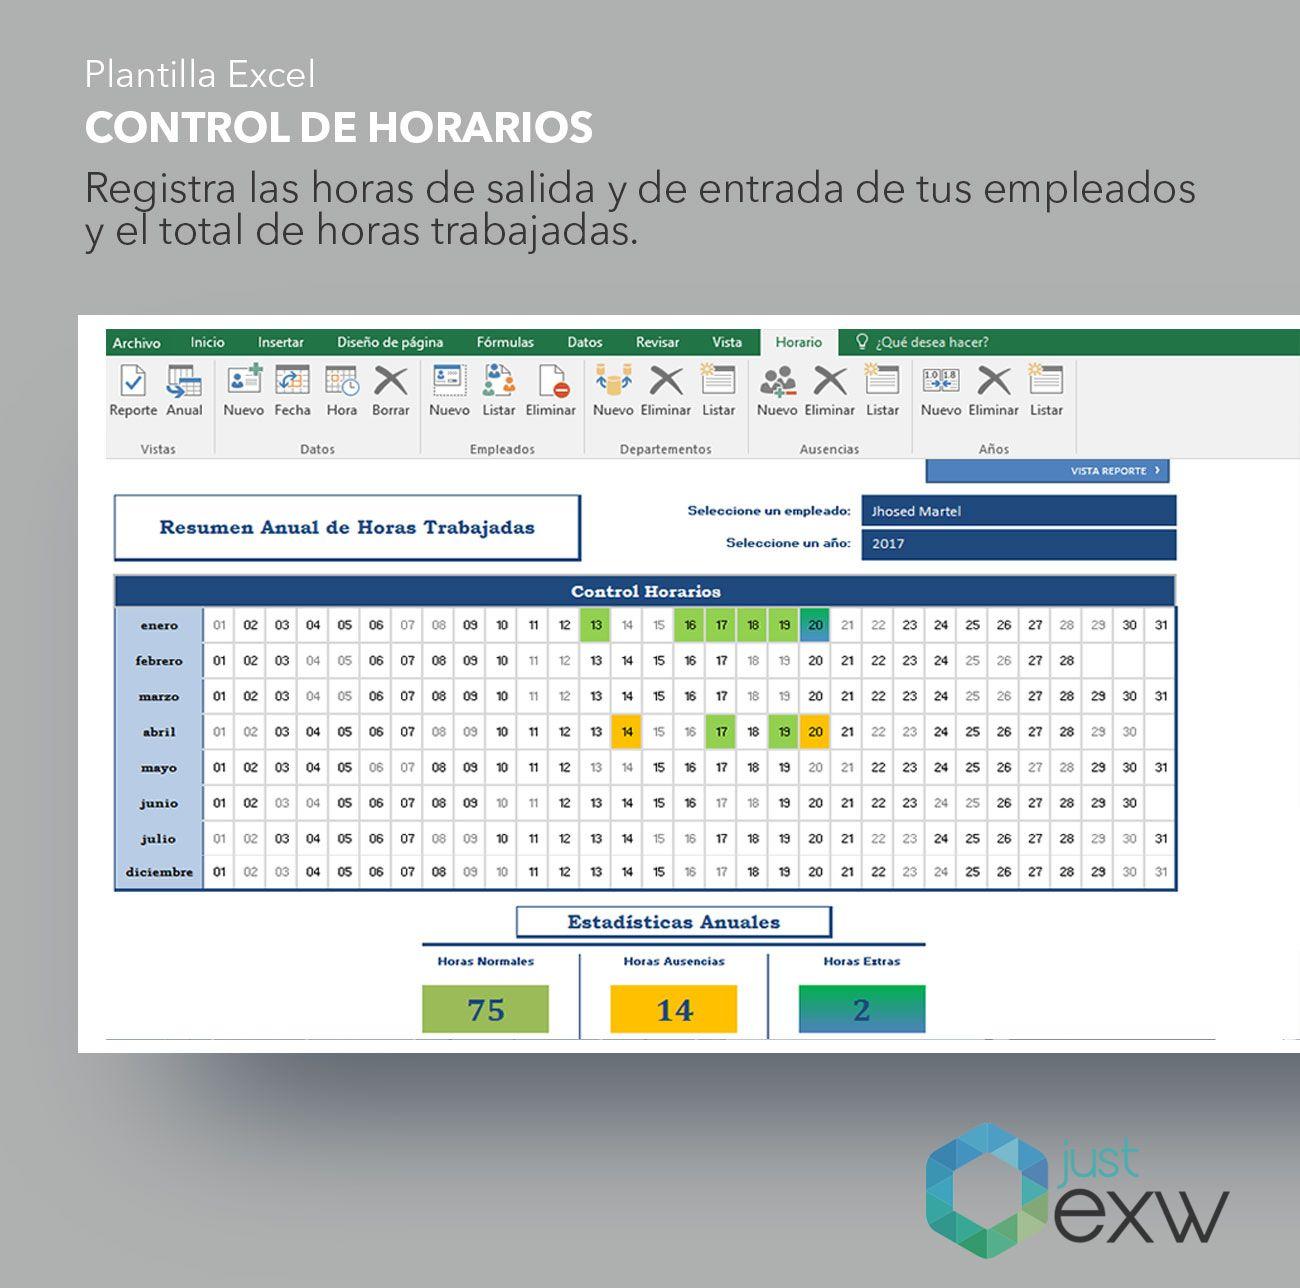 Plantilla de horarios de Excel